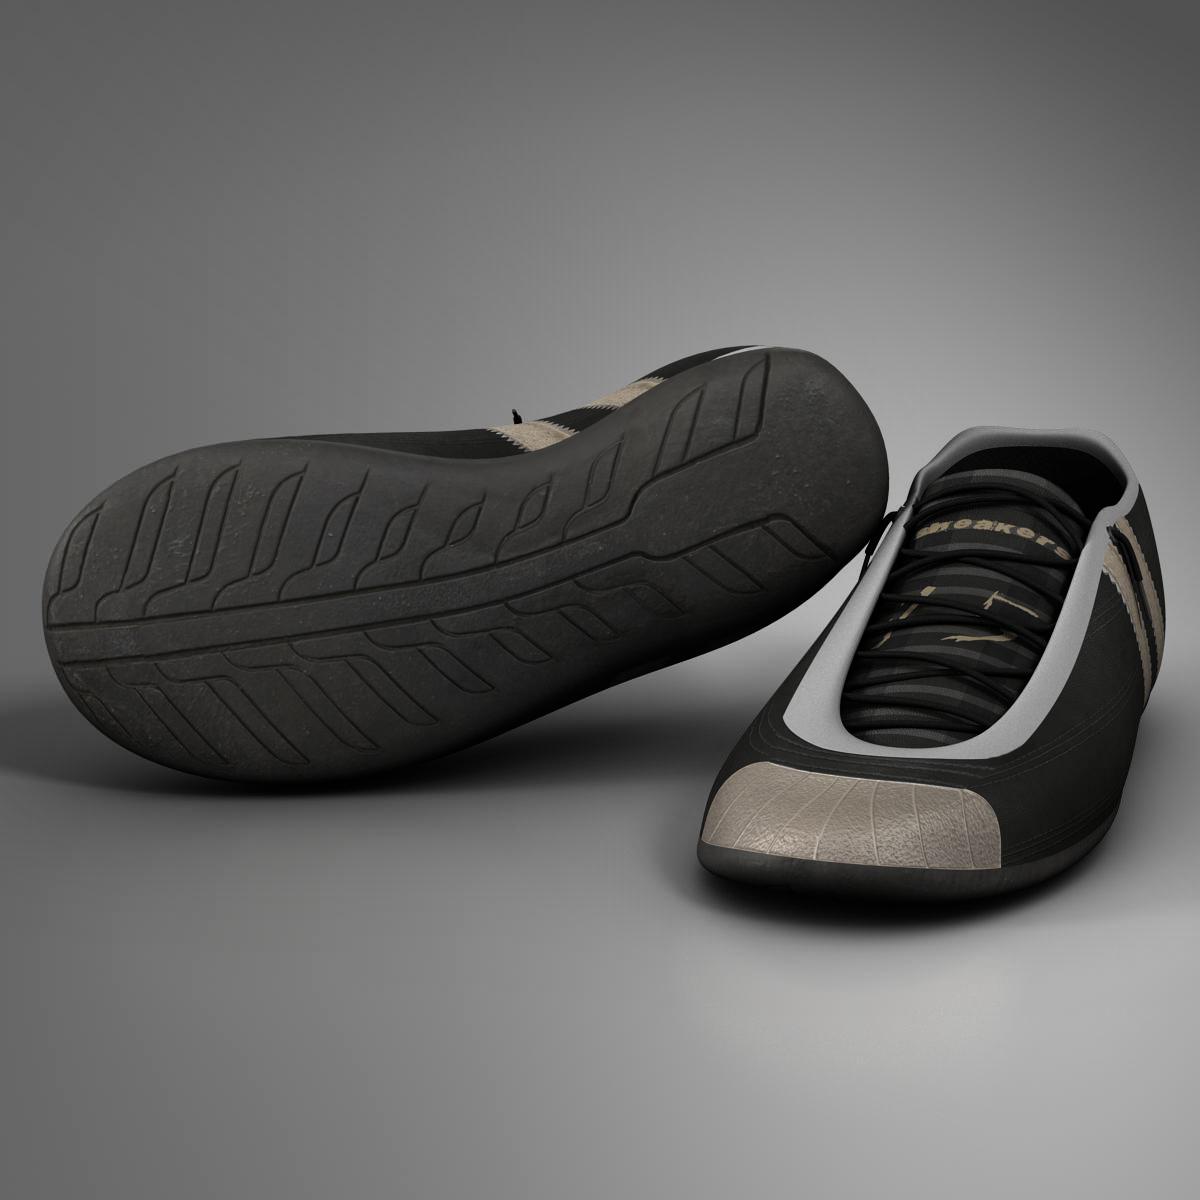 sneakers 3d model 3ds max fbx c4d ma mb obj 160392